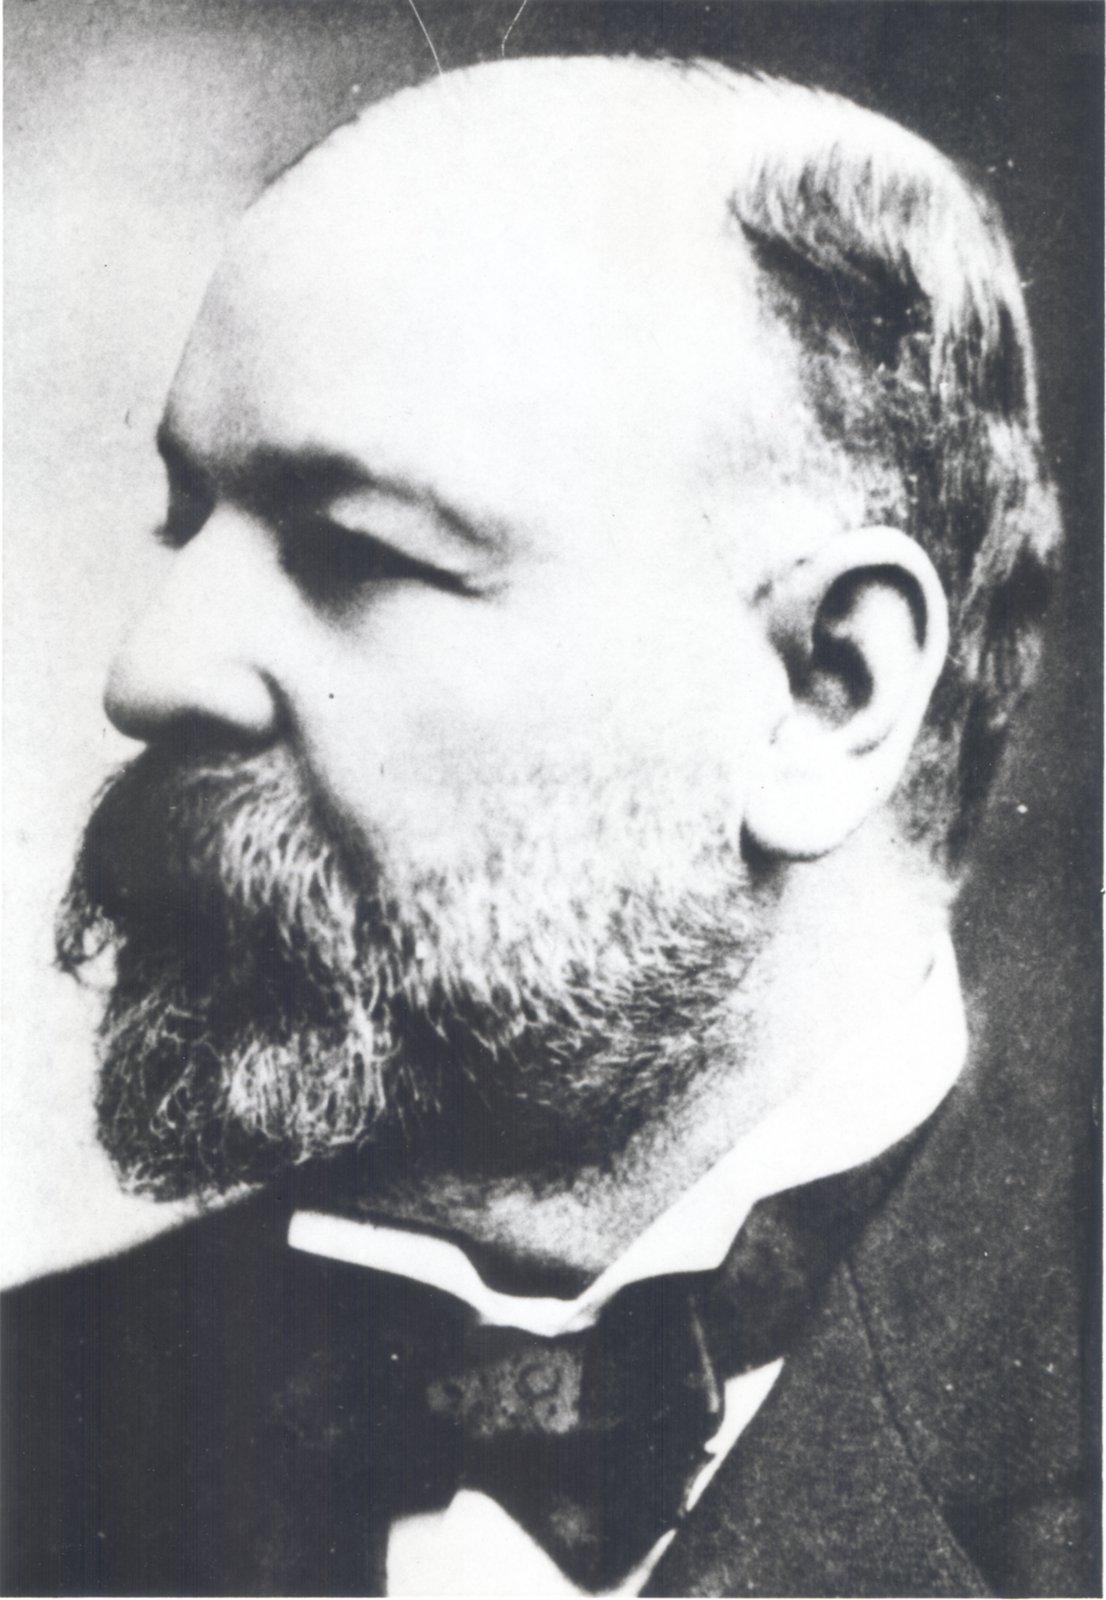 Joseph E. Seagram